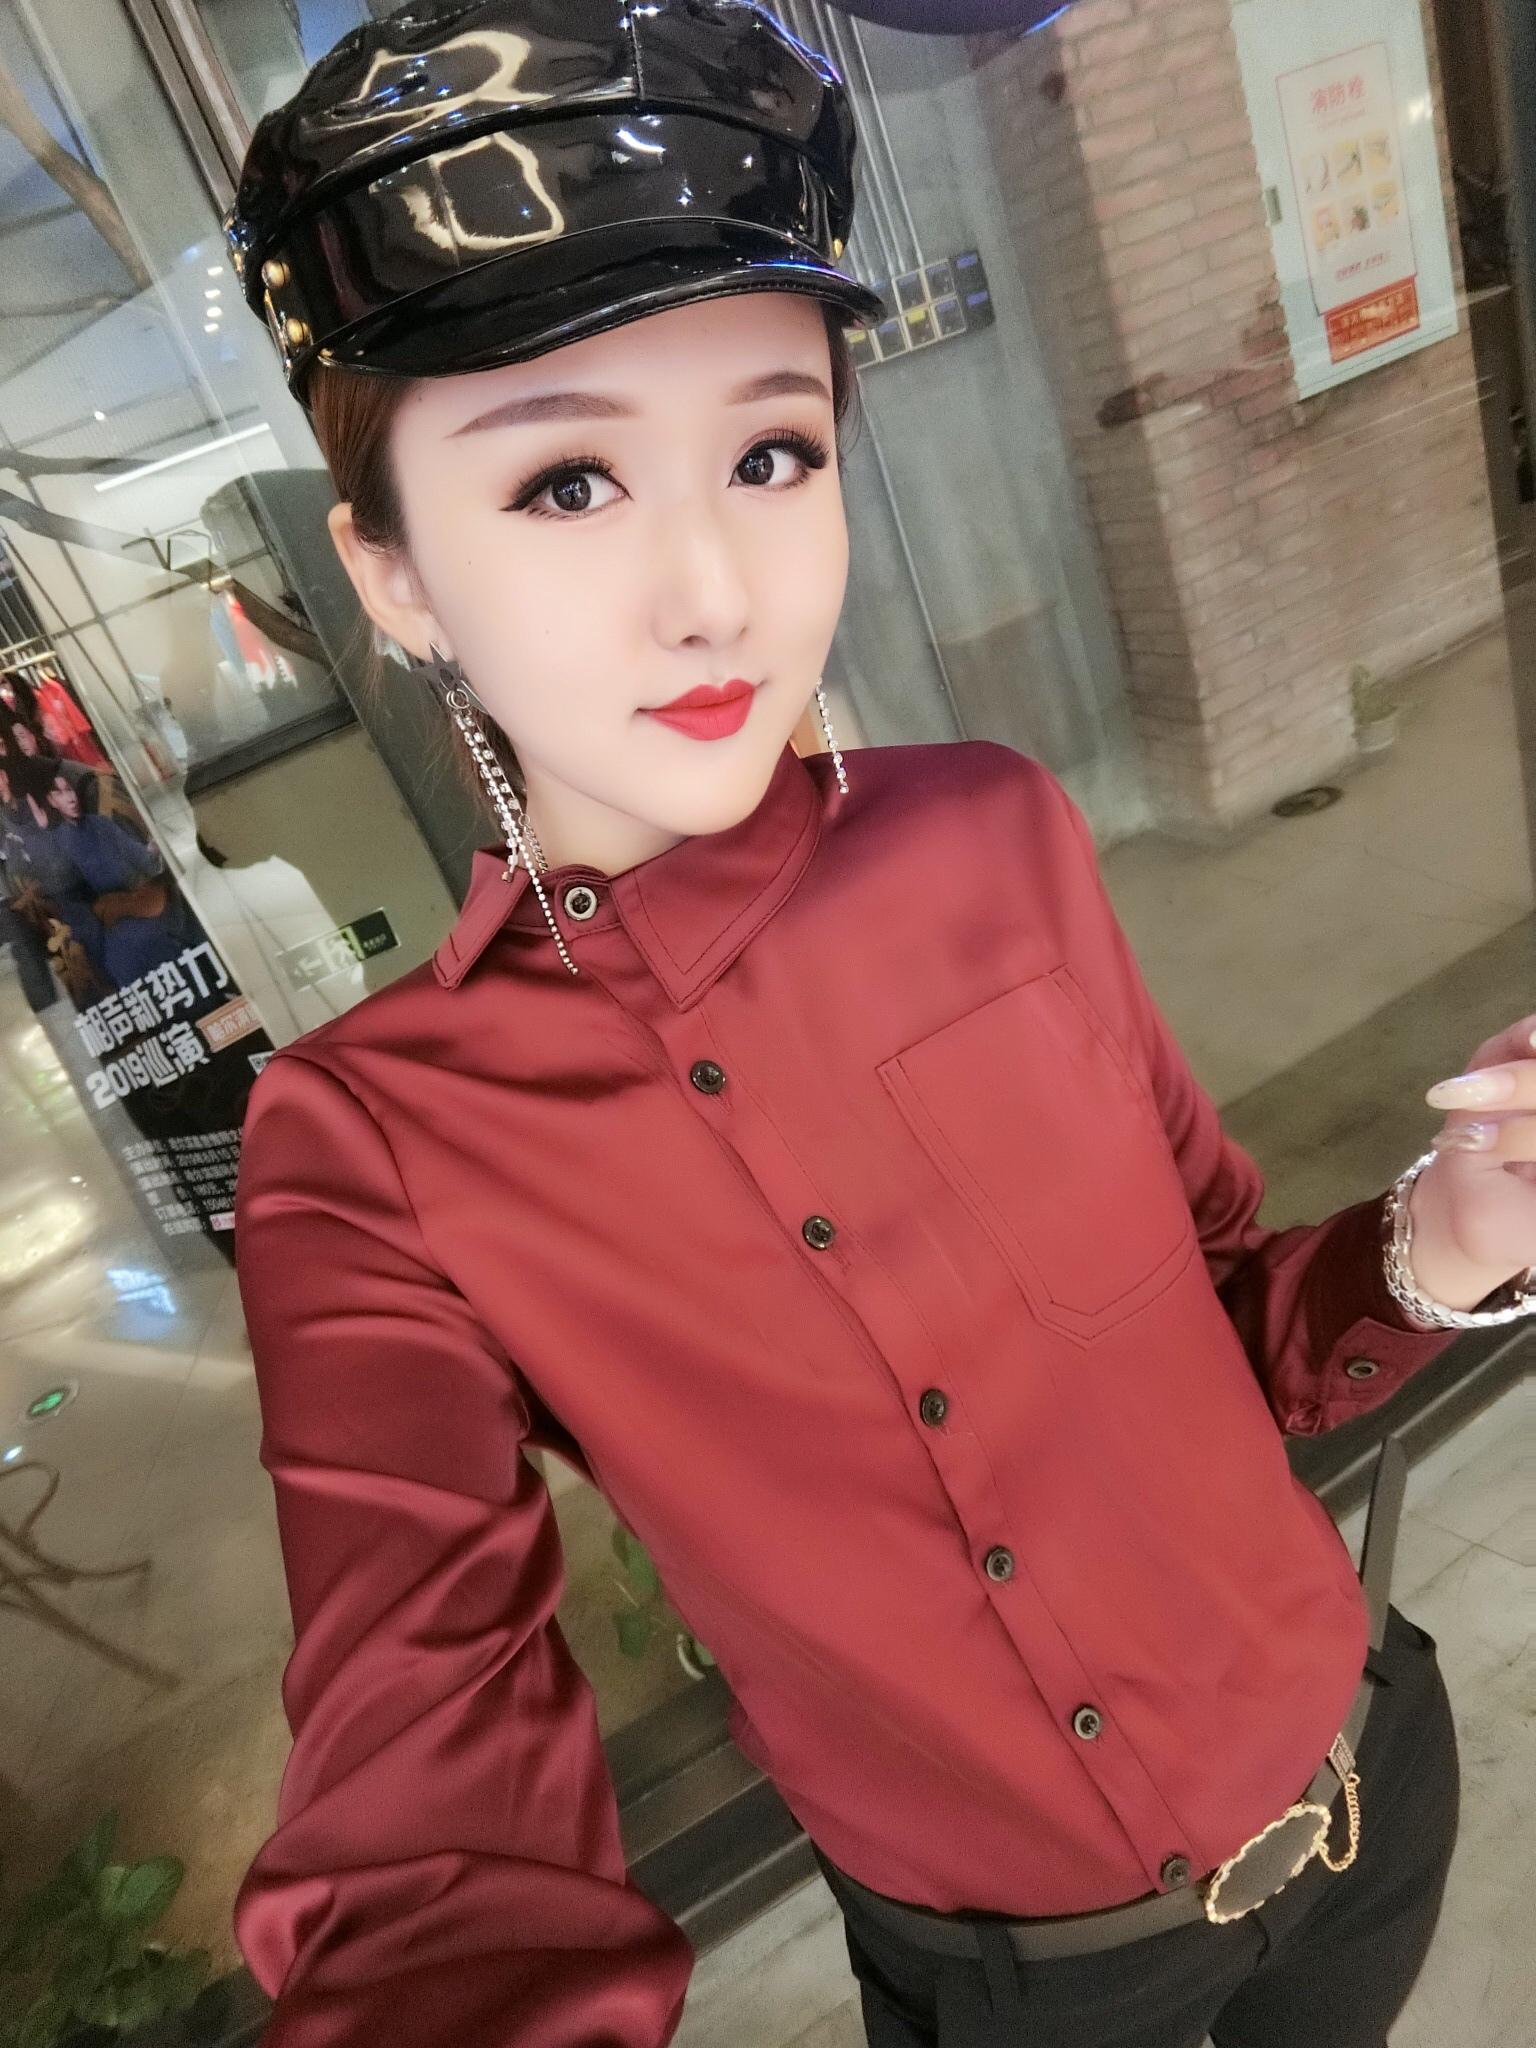 女式真丝衬衣长袖新款创意上衣2019韩版时尚修身洋气女装百搭精品